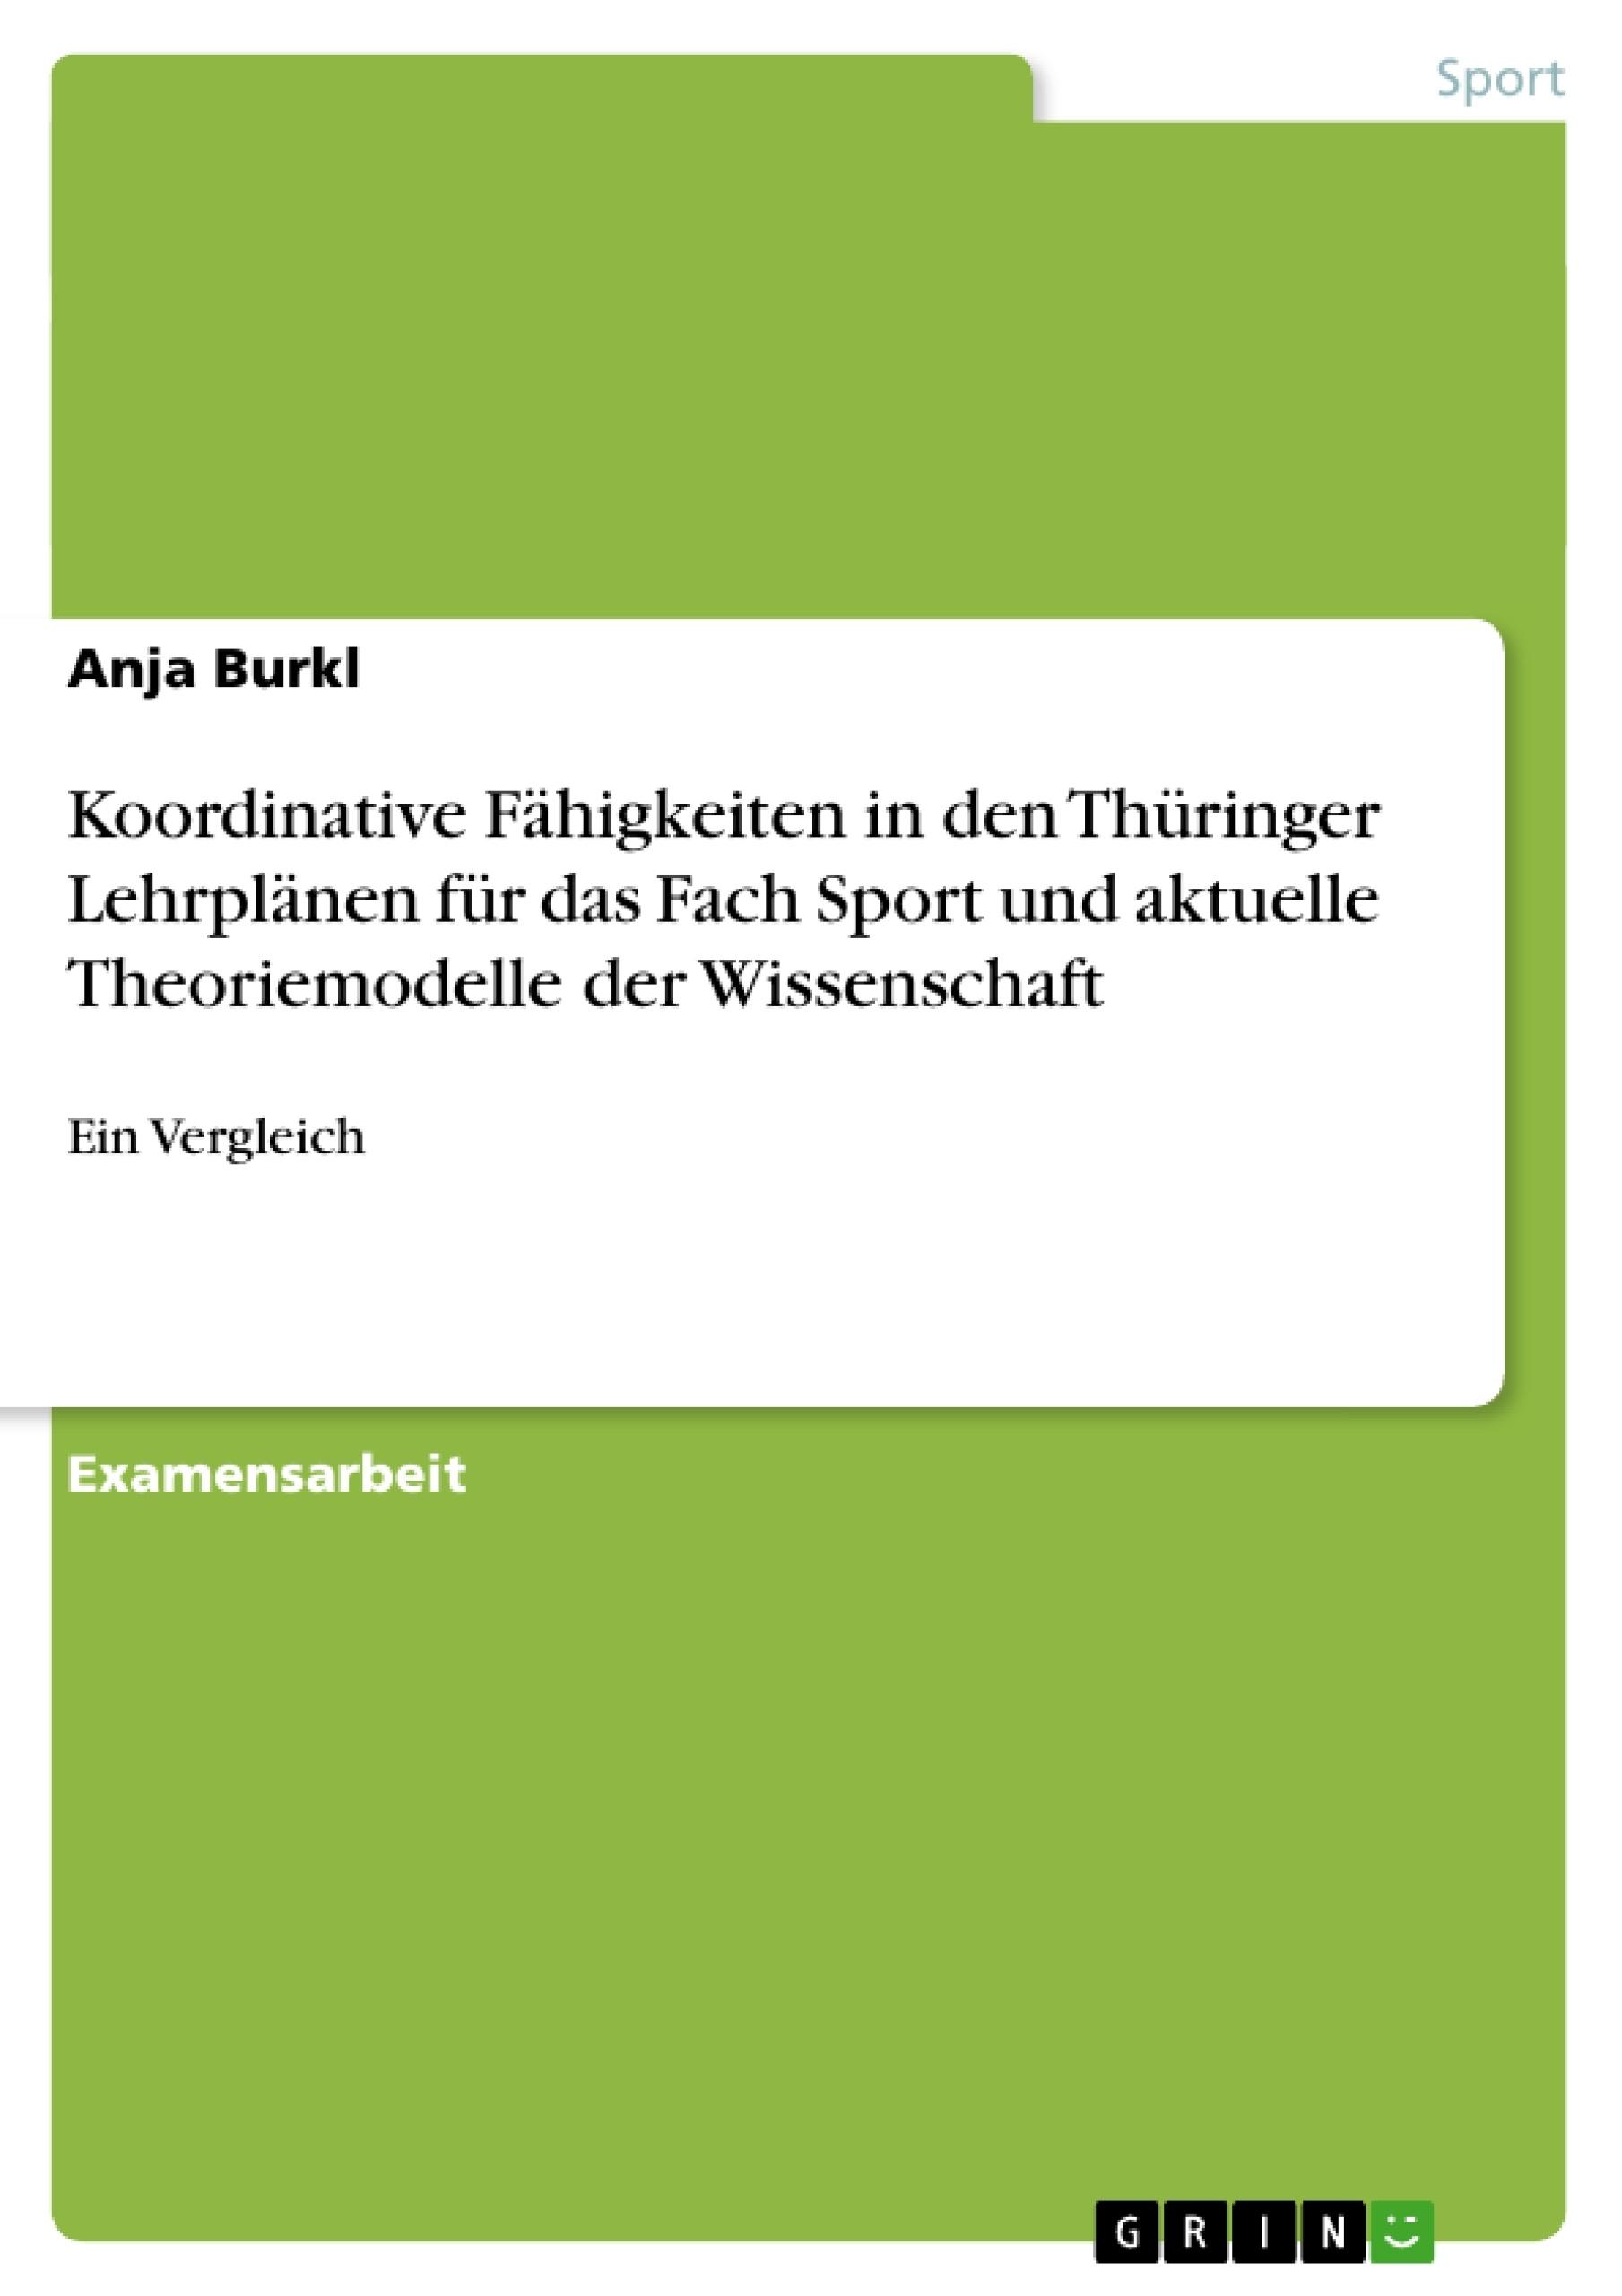 Koordinative Fähigkeiten in den Thüringer Lehrplänen für das Fach ...